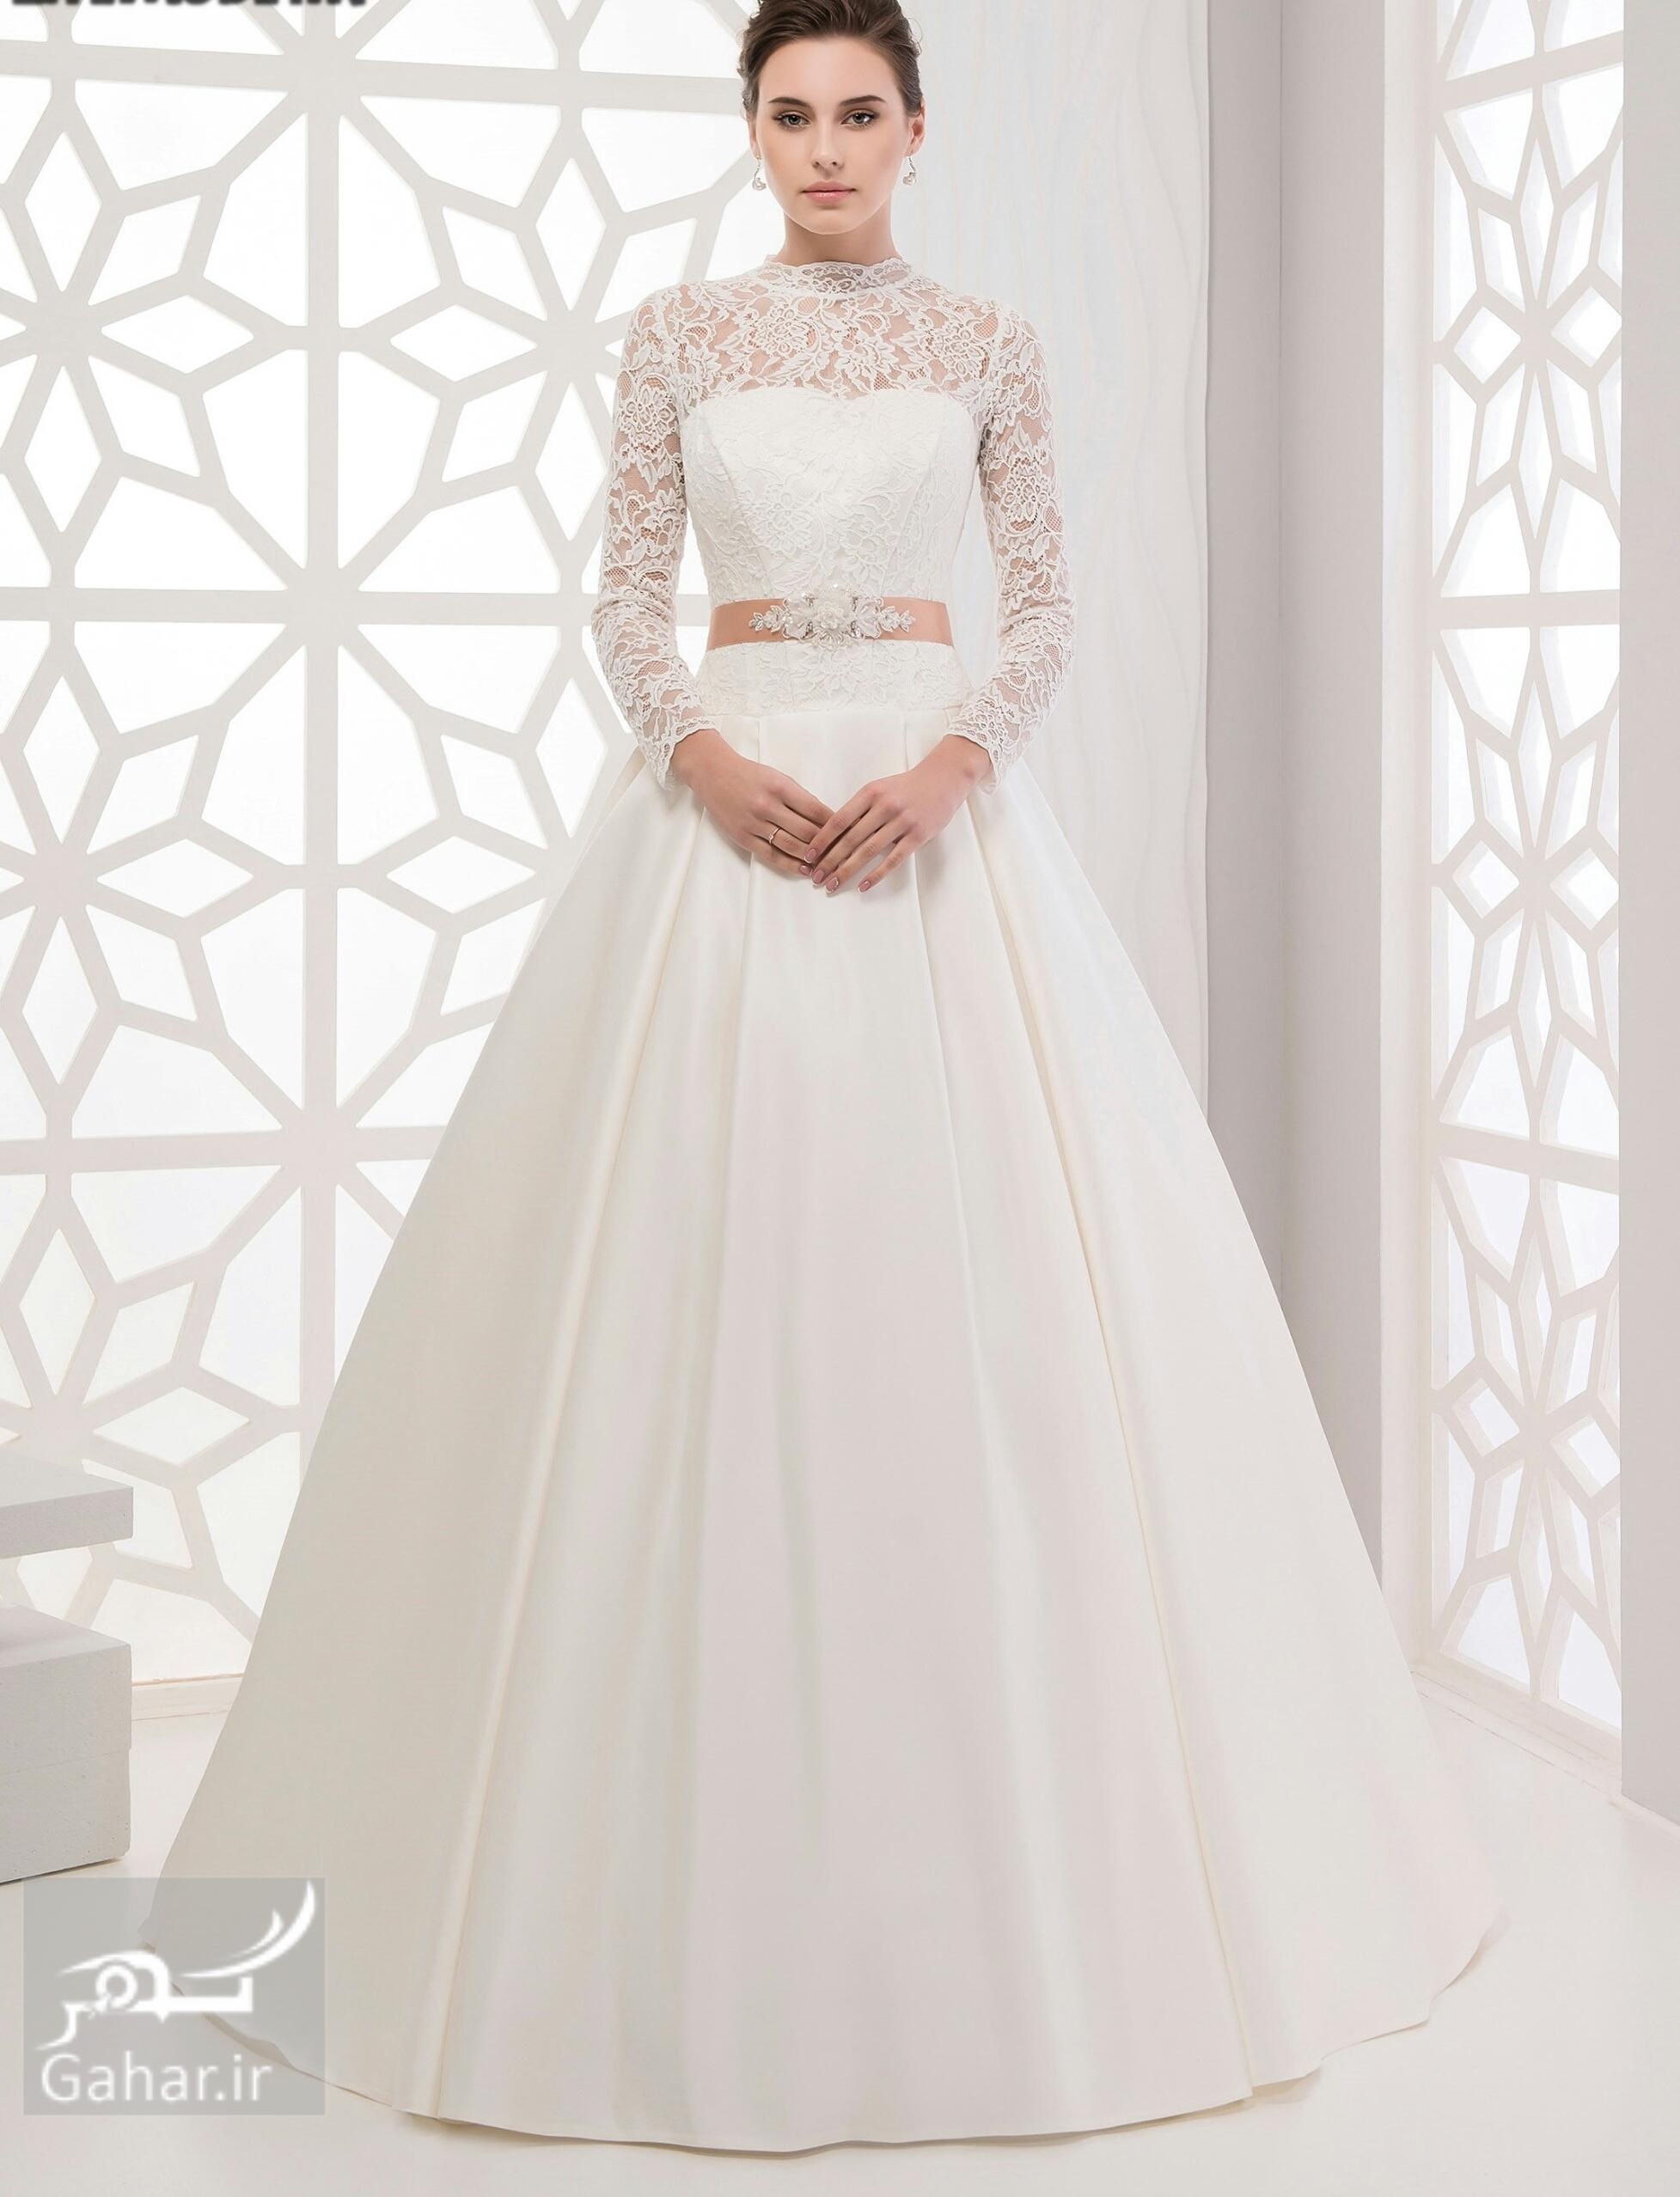 جدیدترین مدل های لباس عروس در سال ۲۰۱۷ ؛ عکس, جدید 1400 -گهر